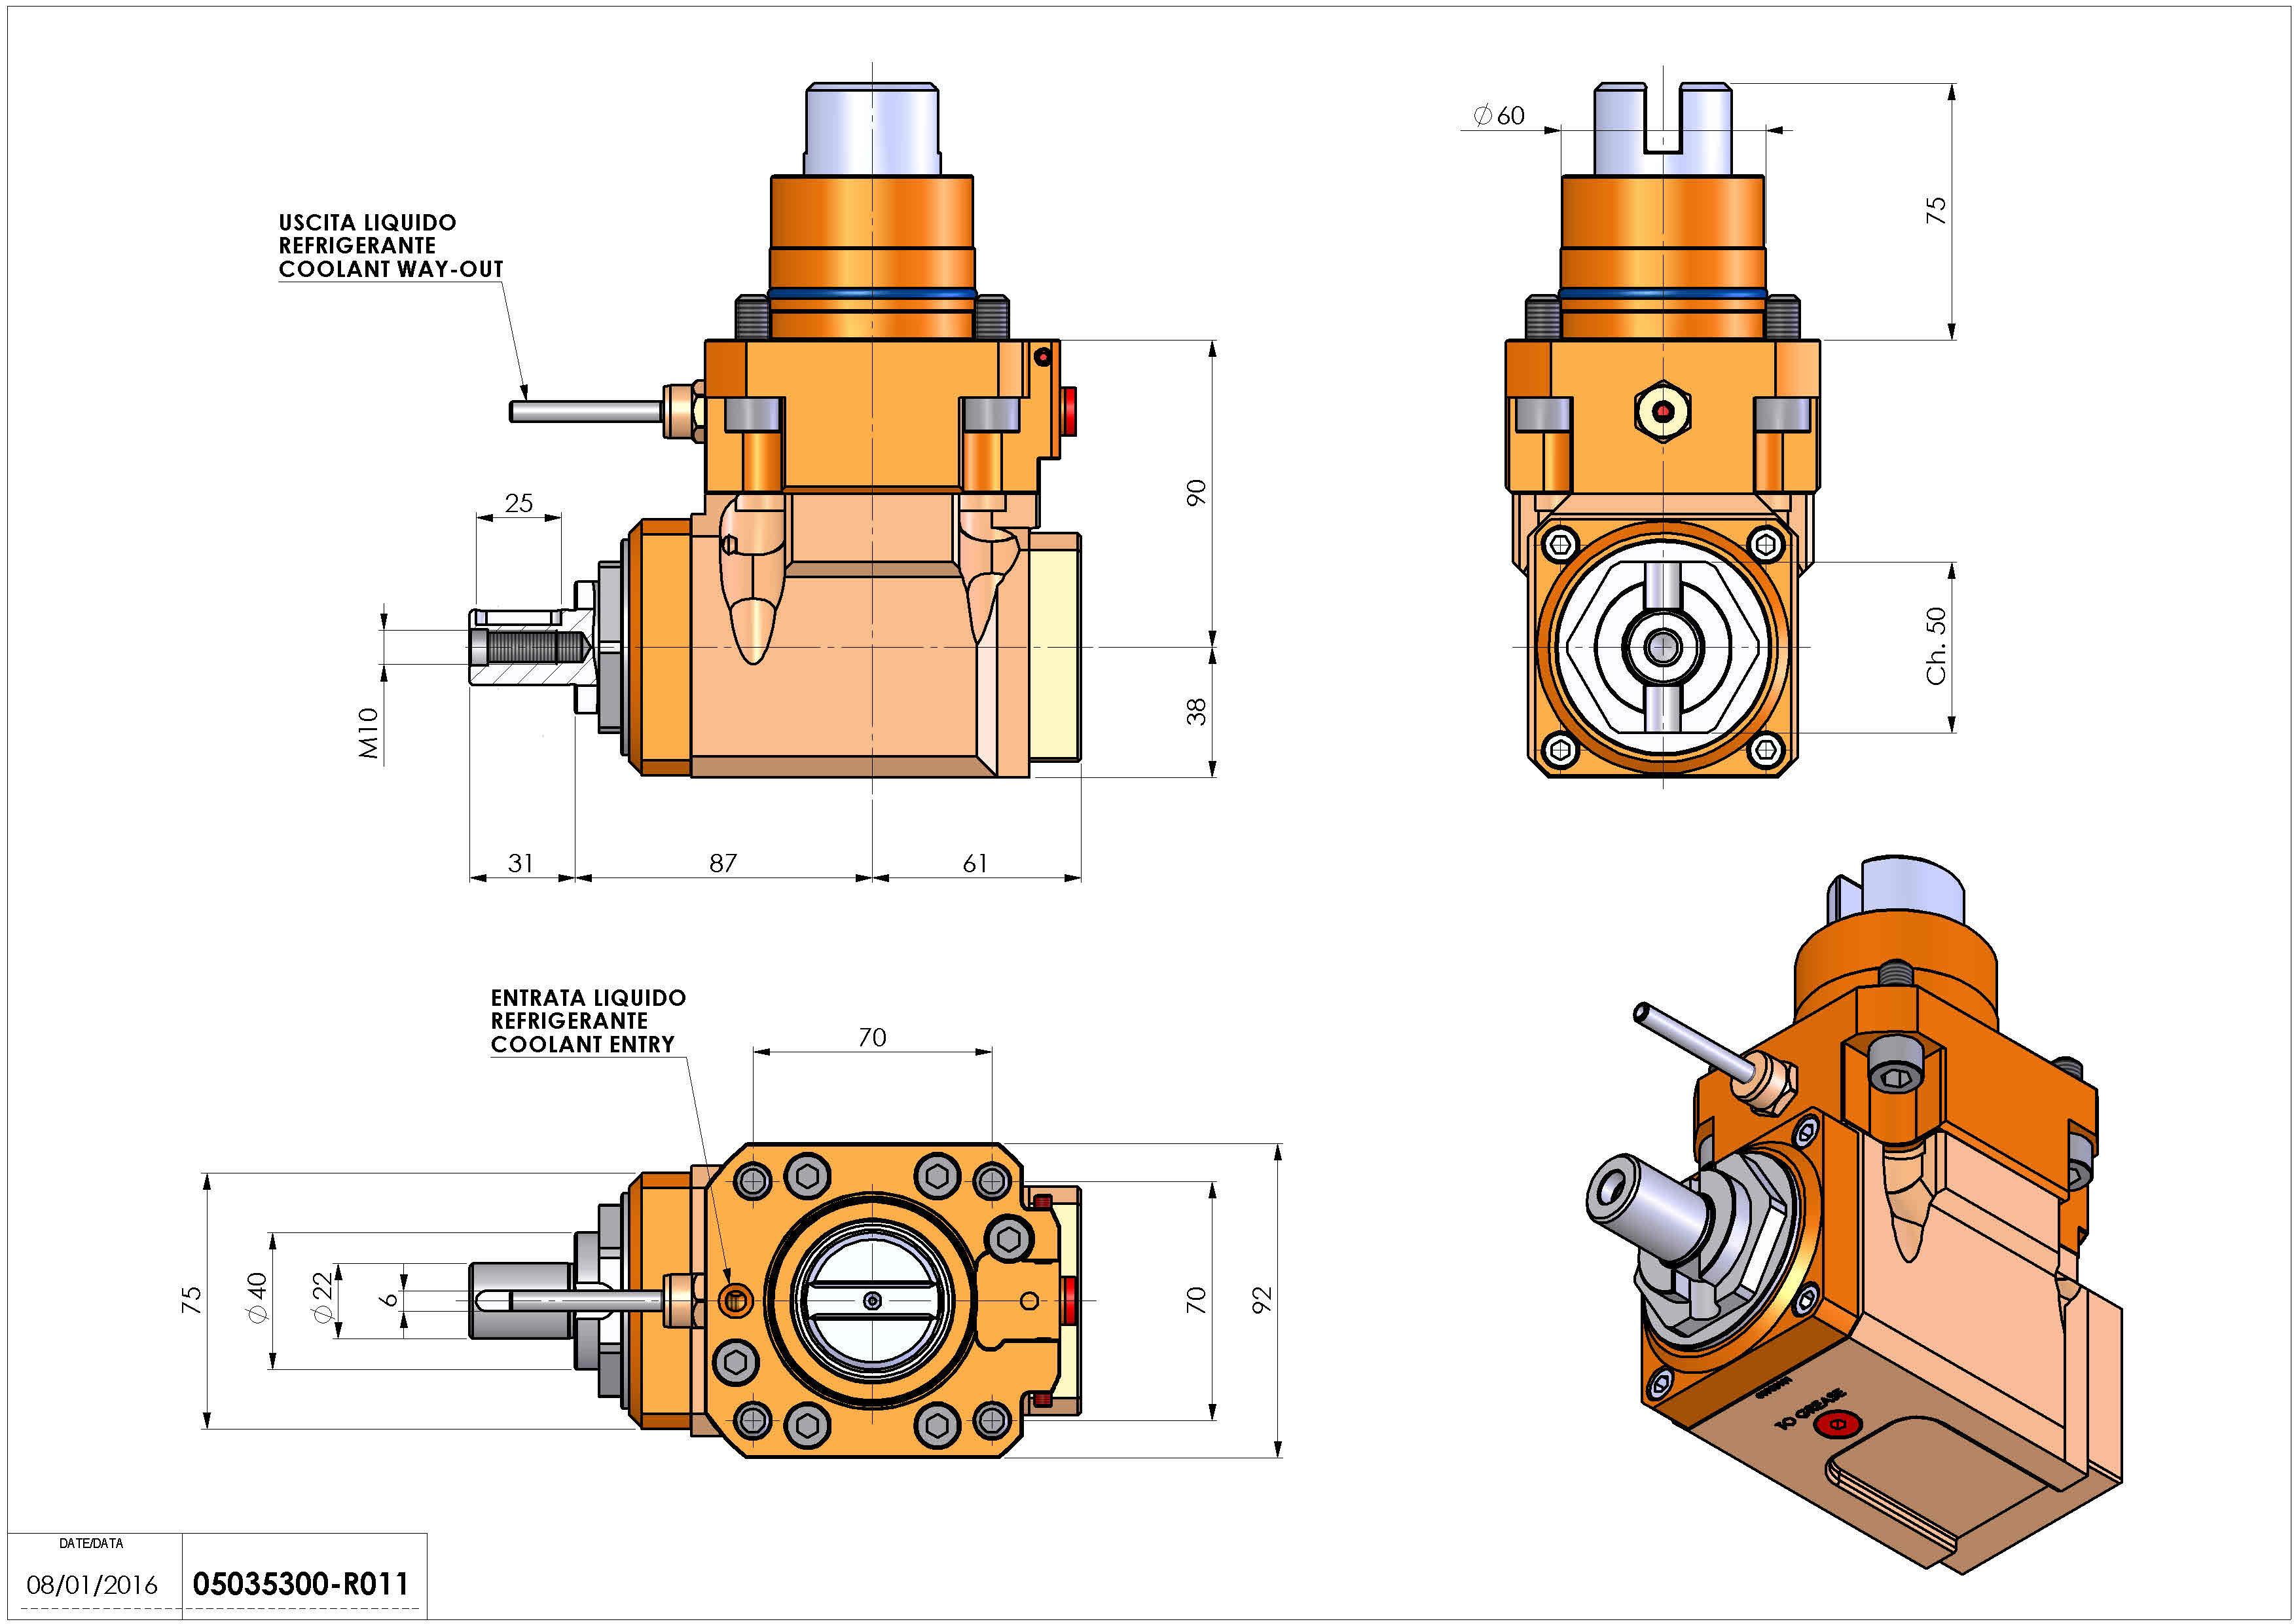 Technical image - LT-A D60 DIN138-22 R H90 TW.